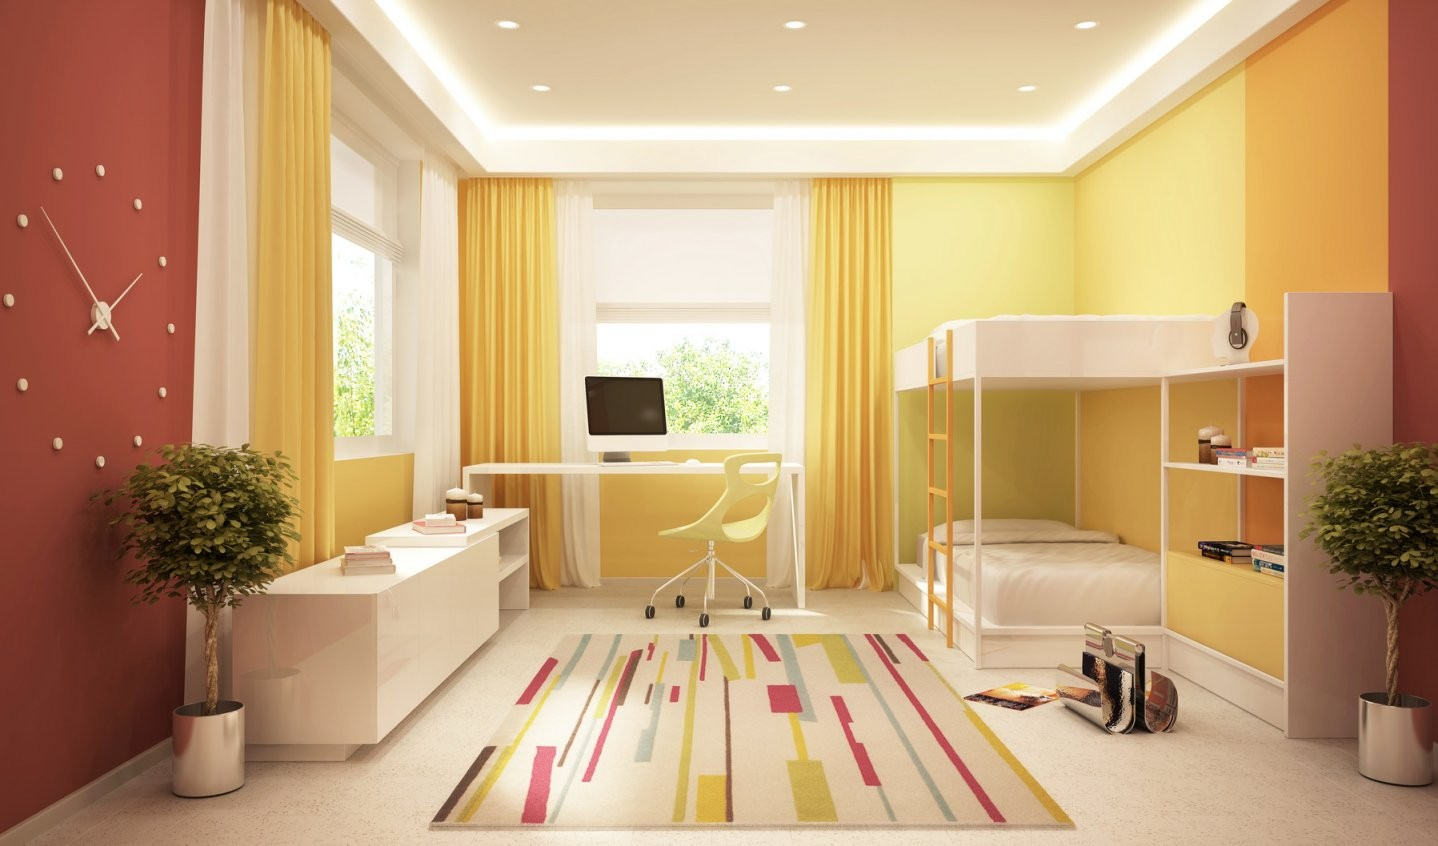 Gardinen 6 Ideen Für Das Wohnzimmer von Gardinen Muster Für Wohnzimmer Bild